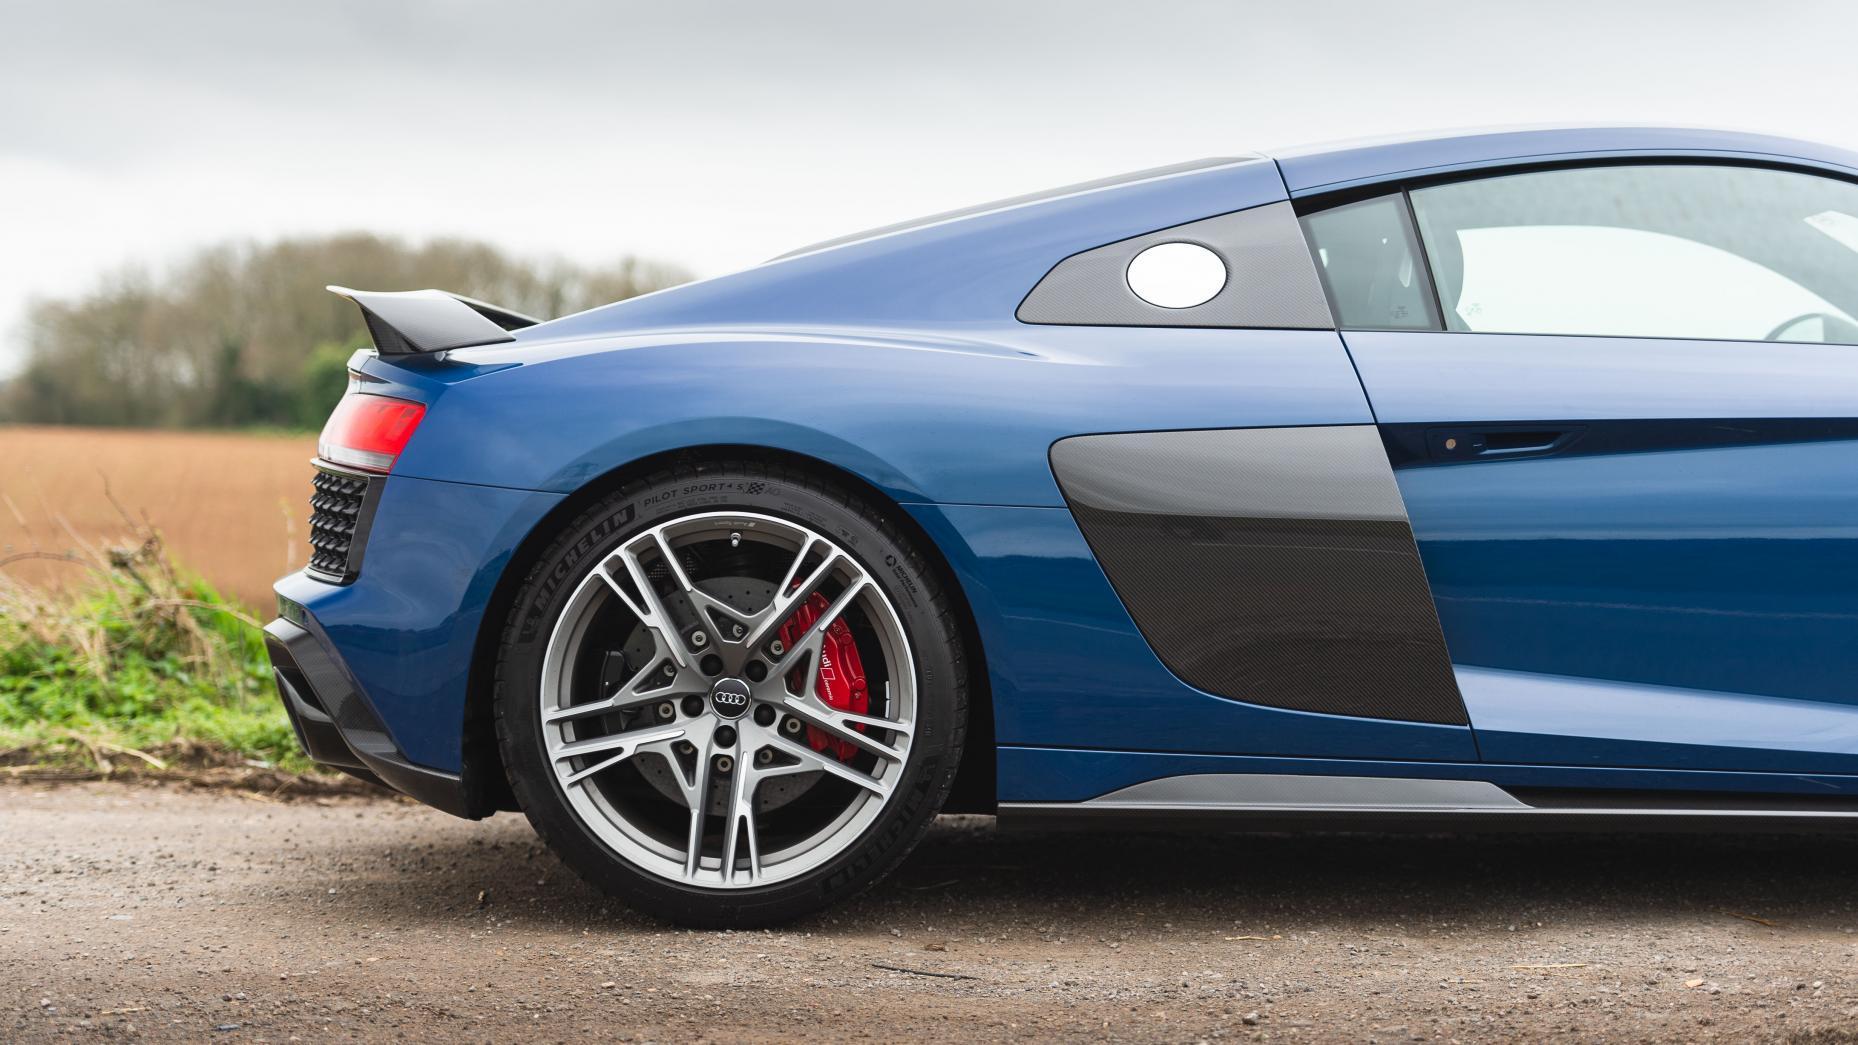 Audi R8 V8 vs V10 V10 linkers achterkant